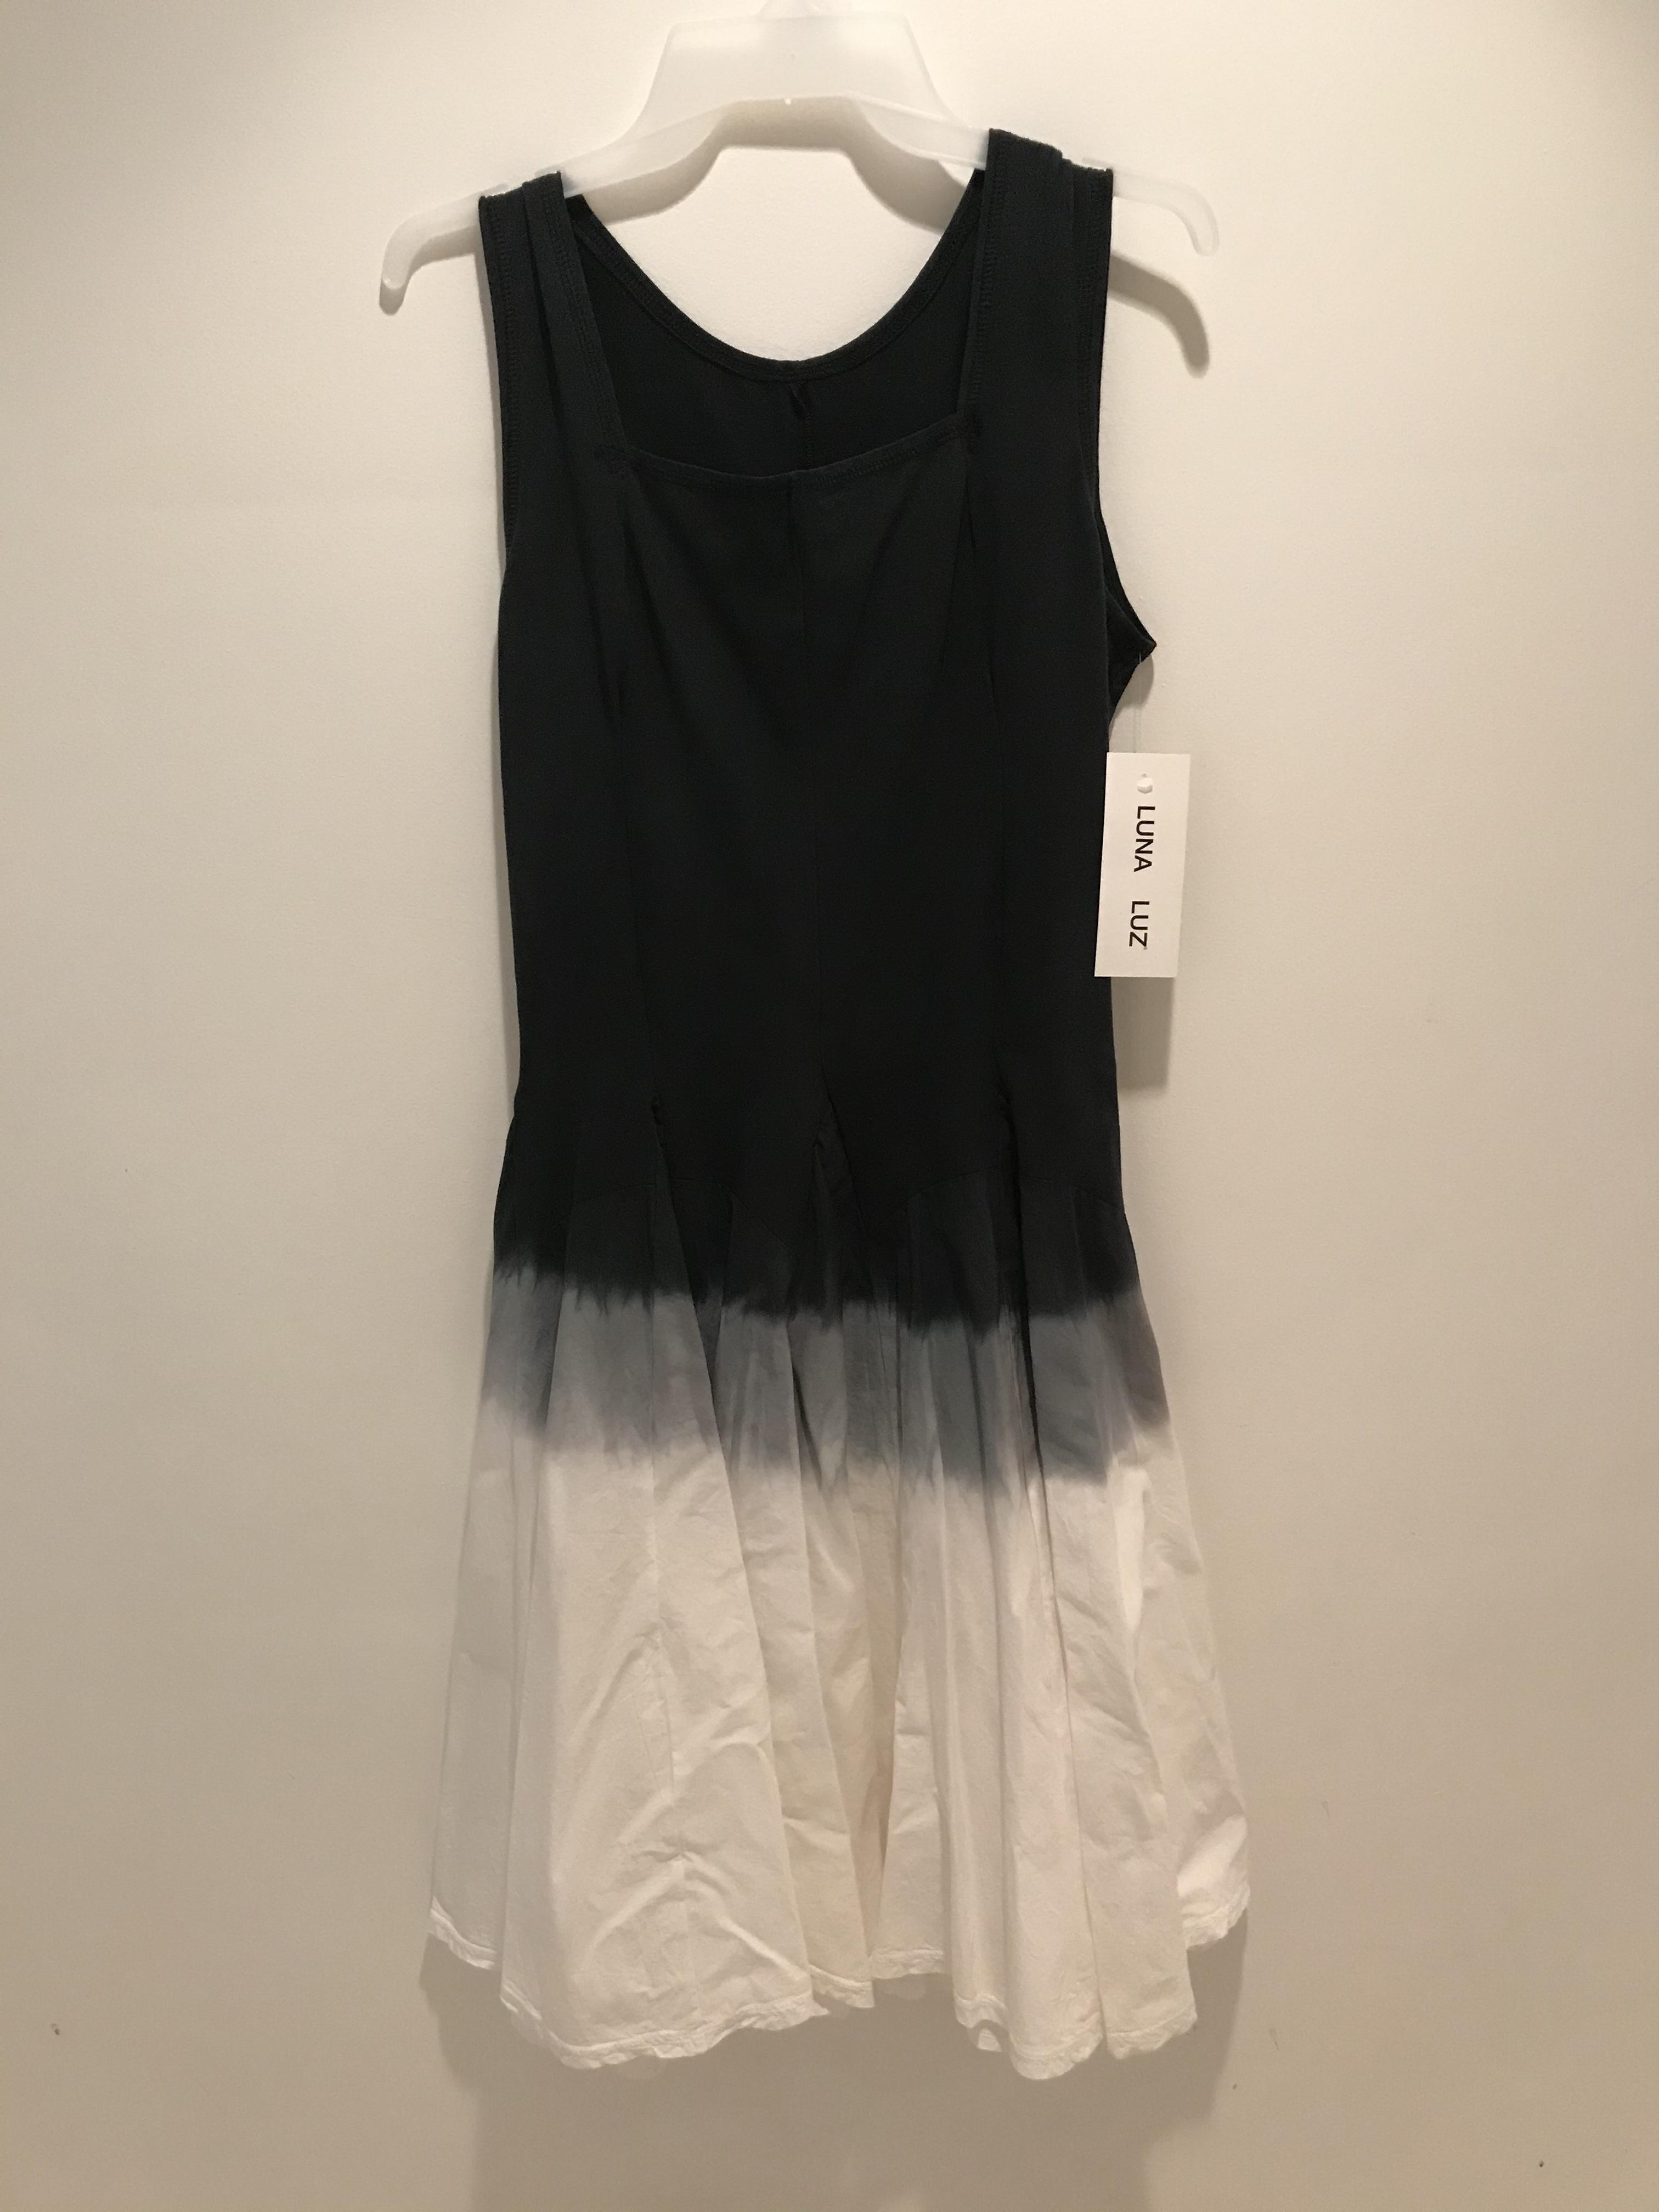 Luna Luz: Square Neck Godet Dyed Tank Dress (Ships Immed in: Black Ombre!)